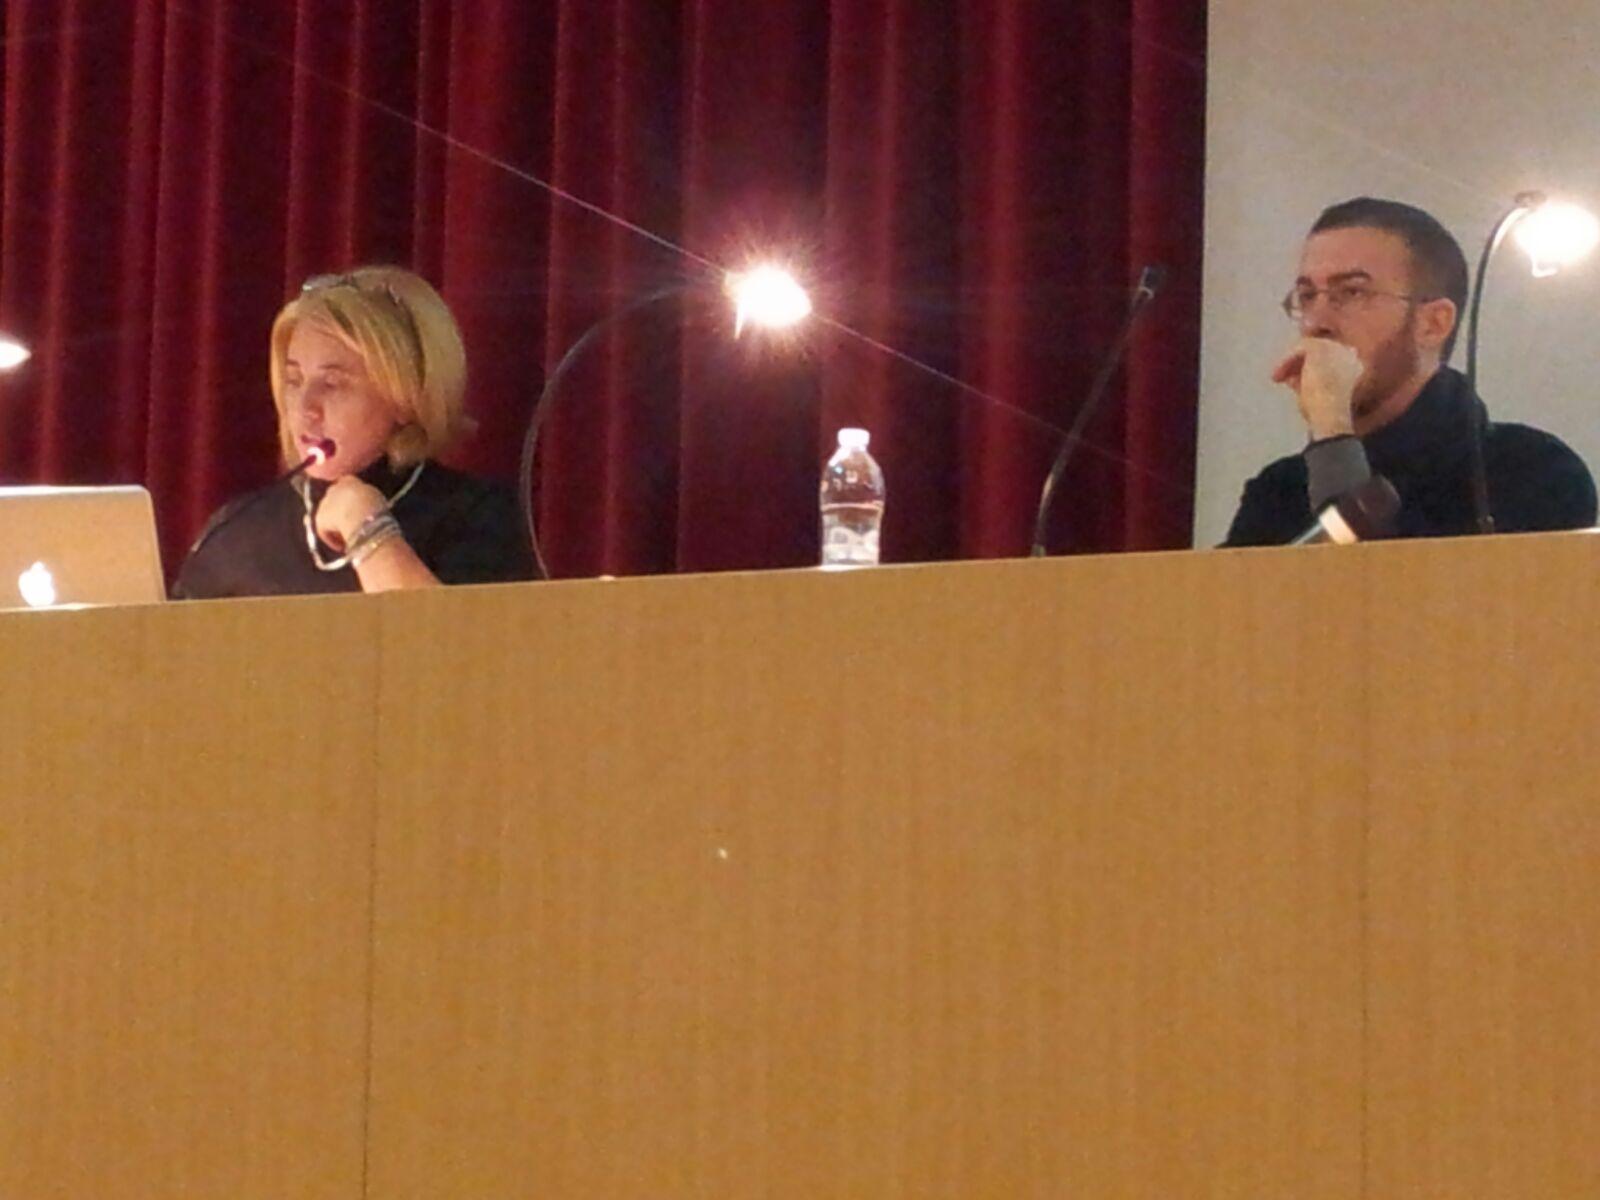 Luisella e Pier Paolo Busan